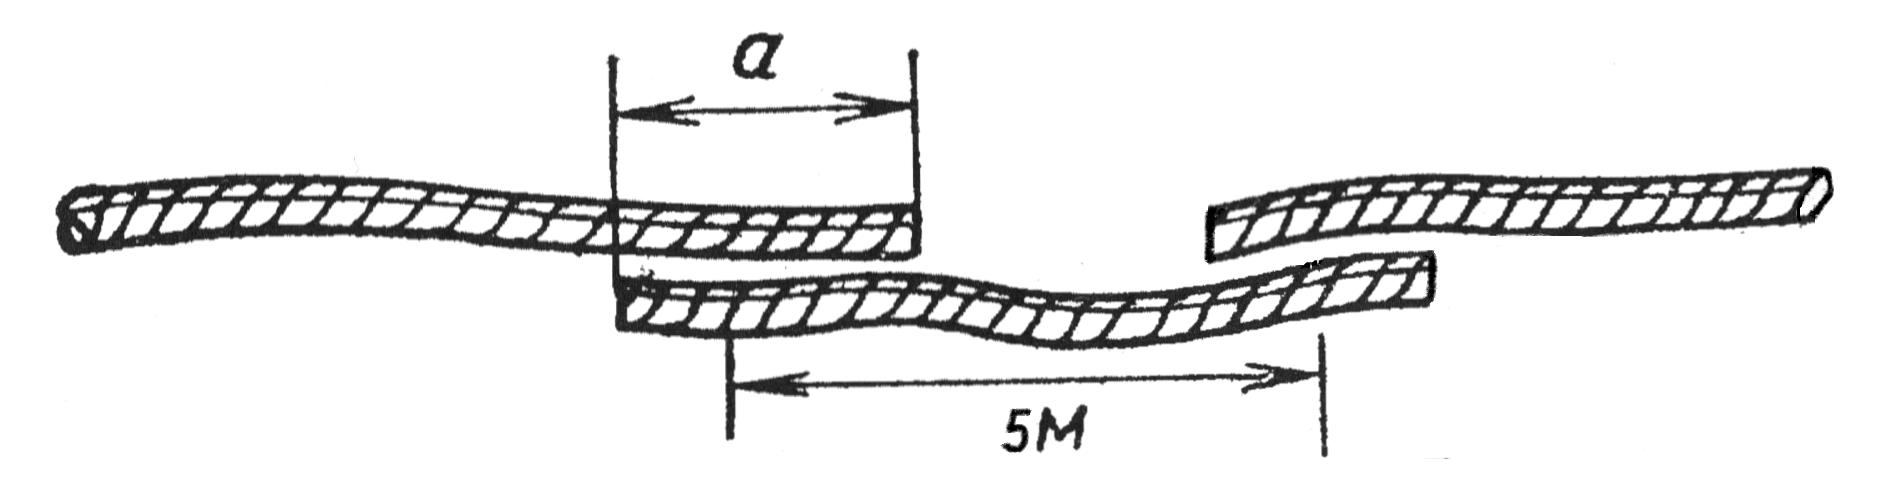 Расположение концов кабеля в месте расположения двух соединительных кабельных муфт